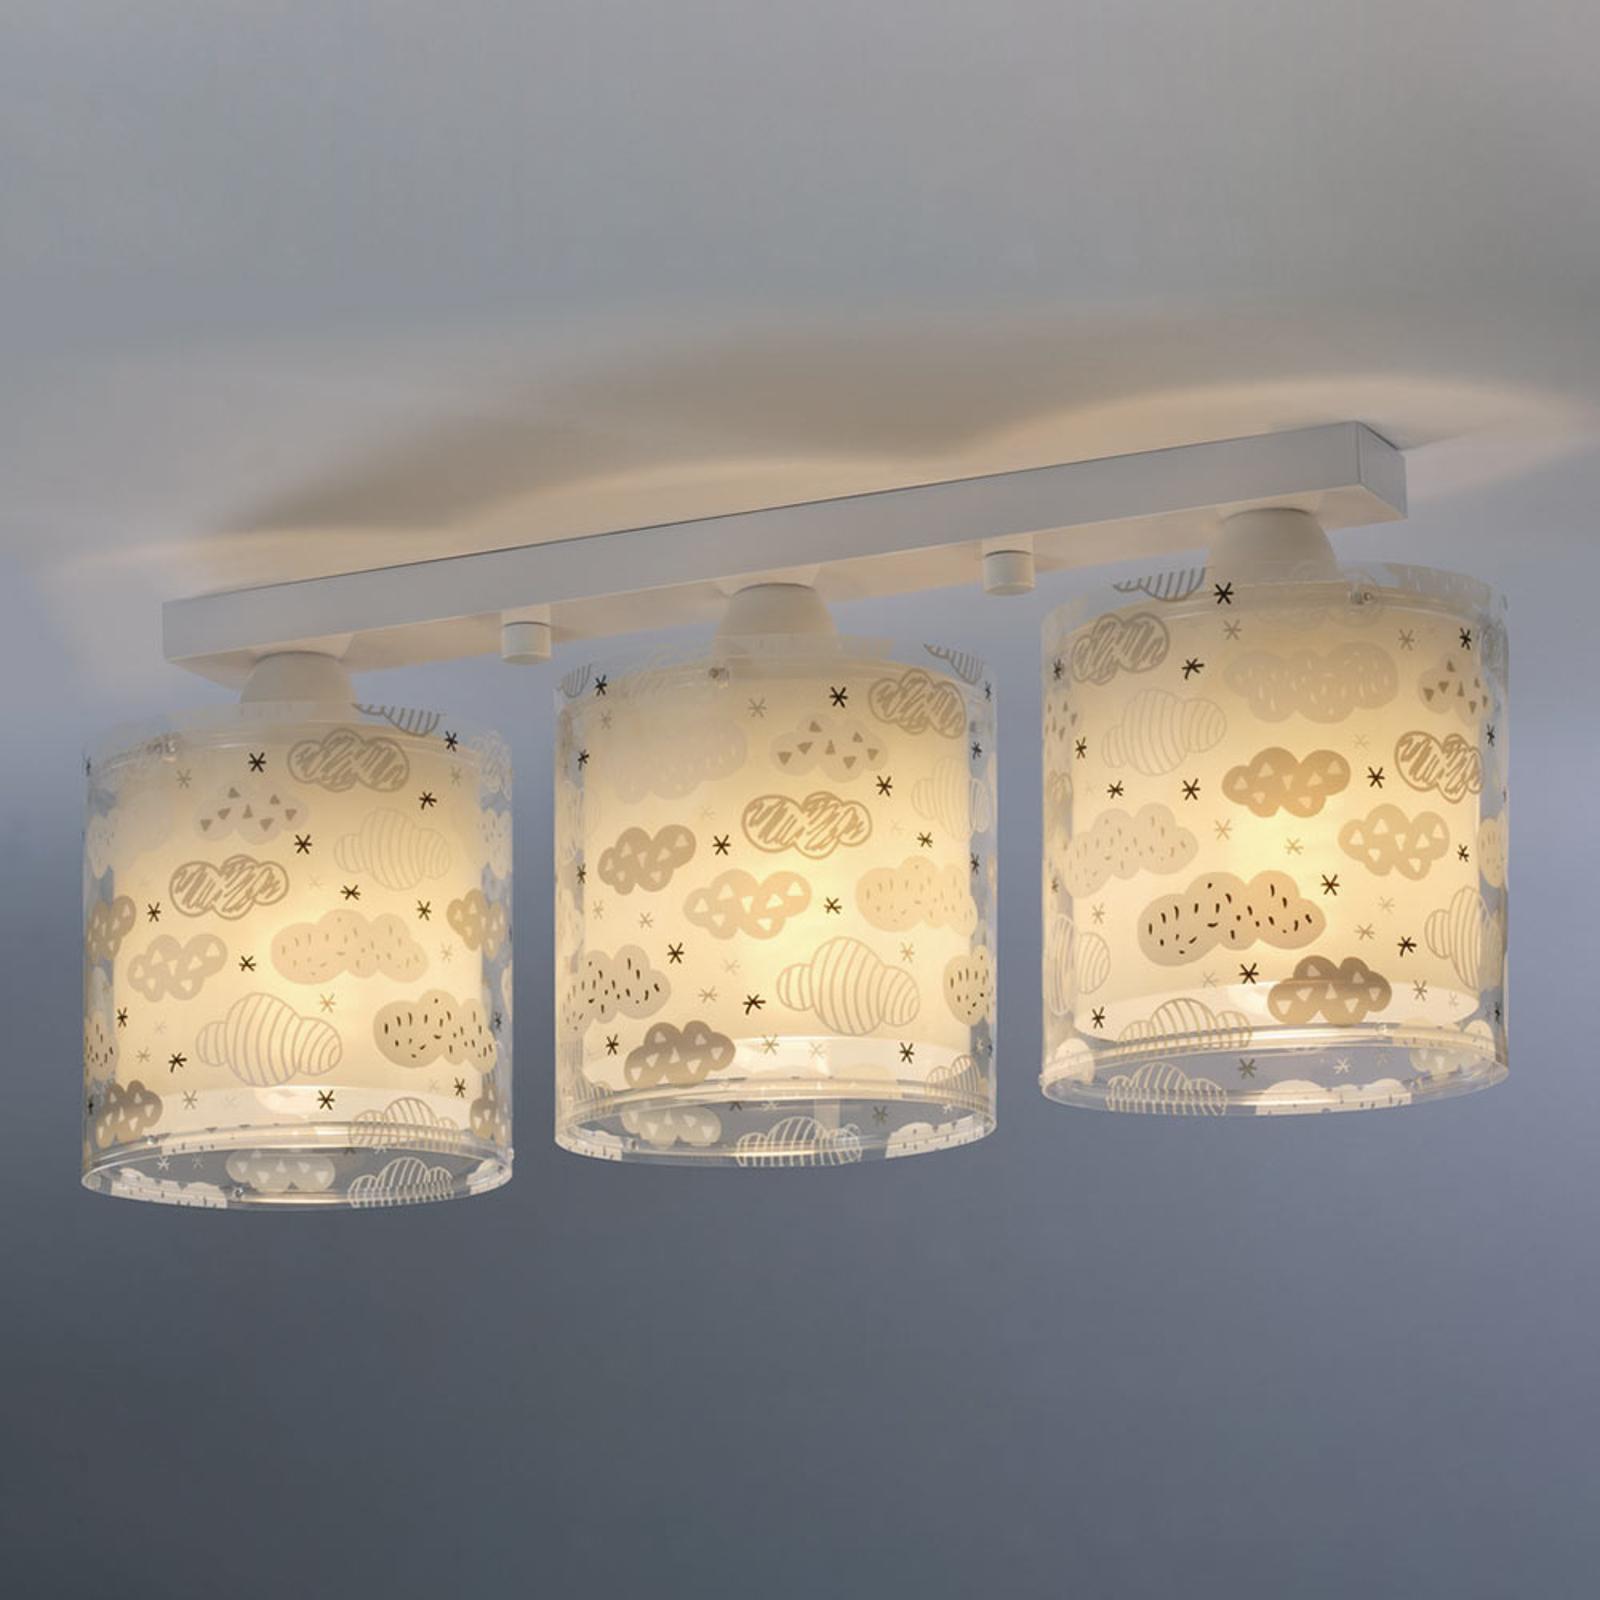 Deckenlampe Clouds für Kinderzimmer 3-flammig grau